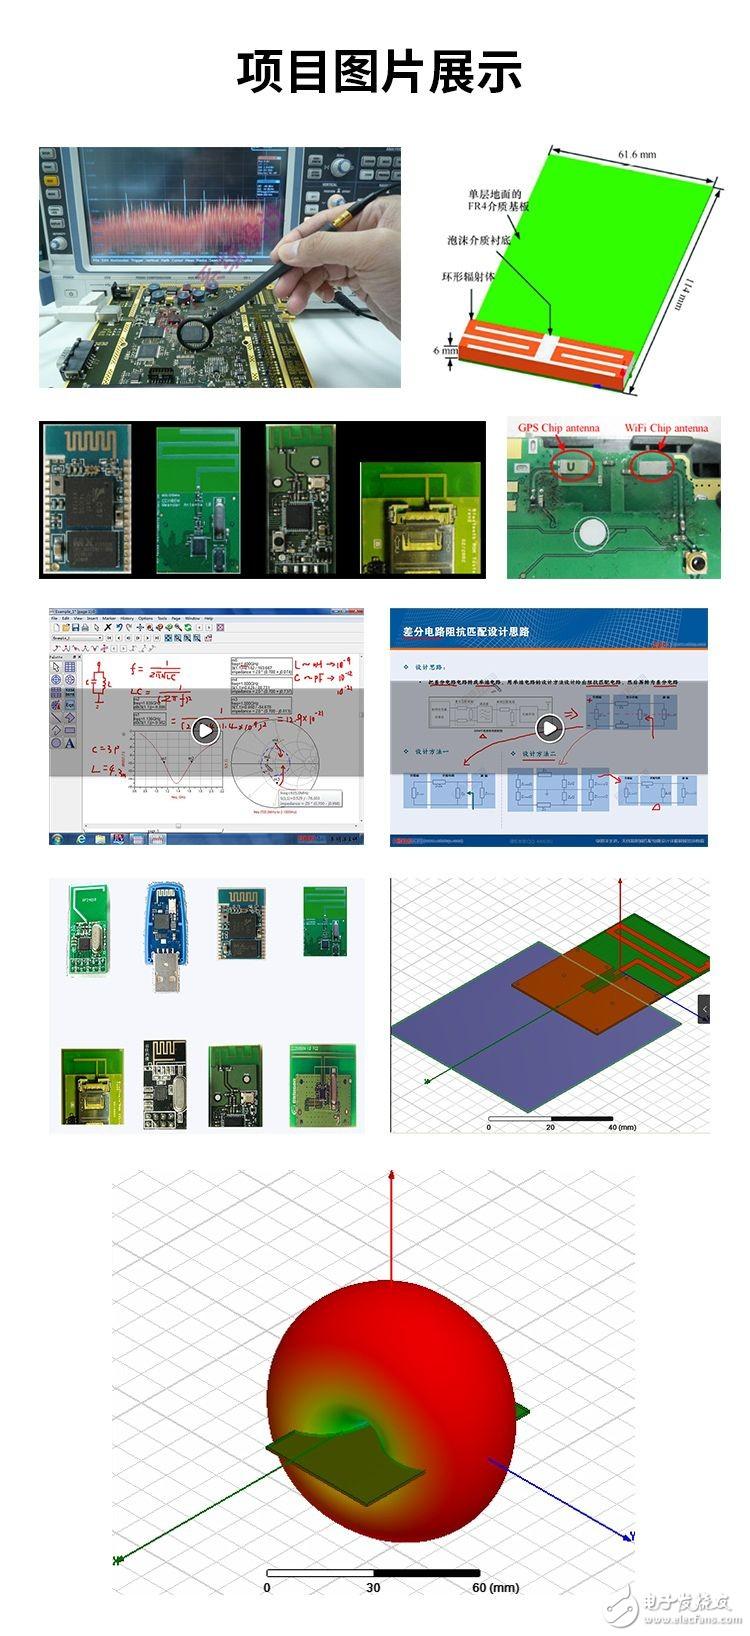 怎么熟悉掌握WiFi/蓝牙天线的实际设计和HFSS仿真分析?